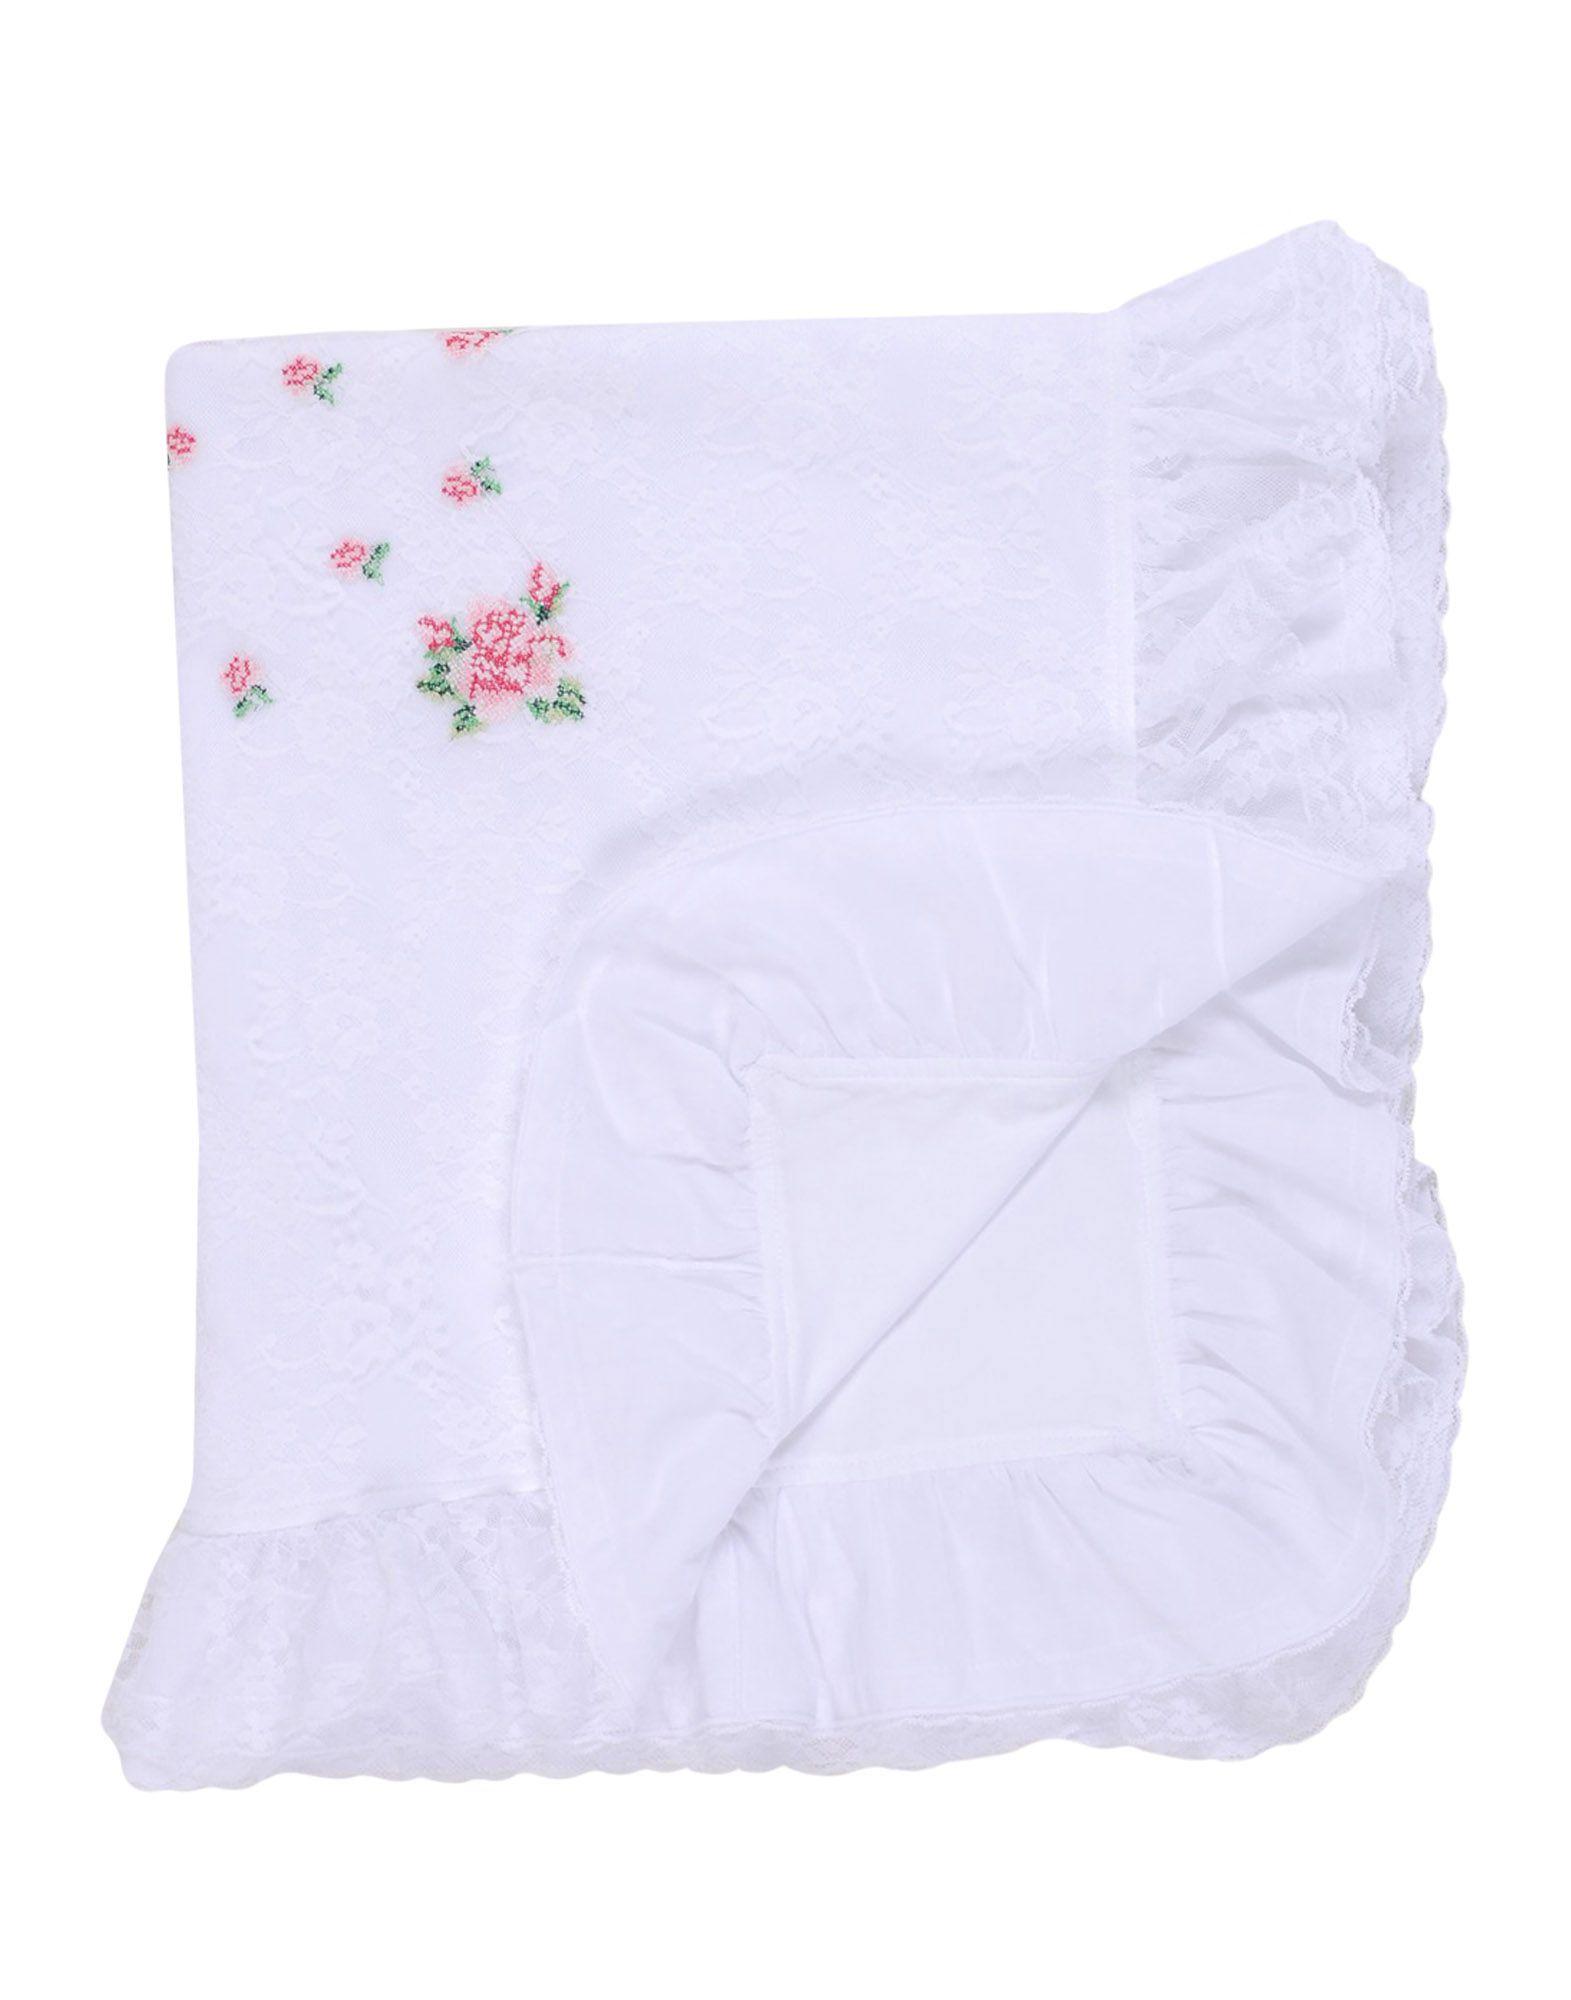 ALETTA Unisex Wolldecke Farbe Weiß Größe 1